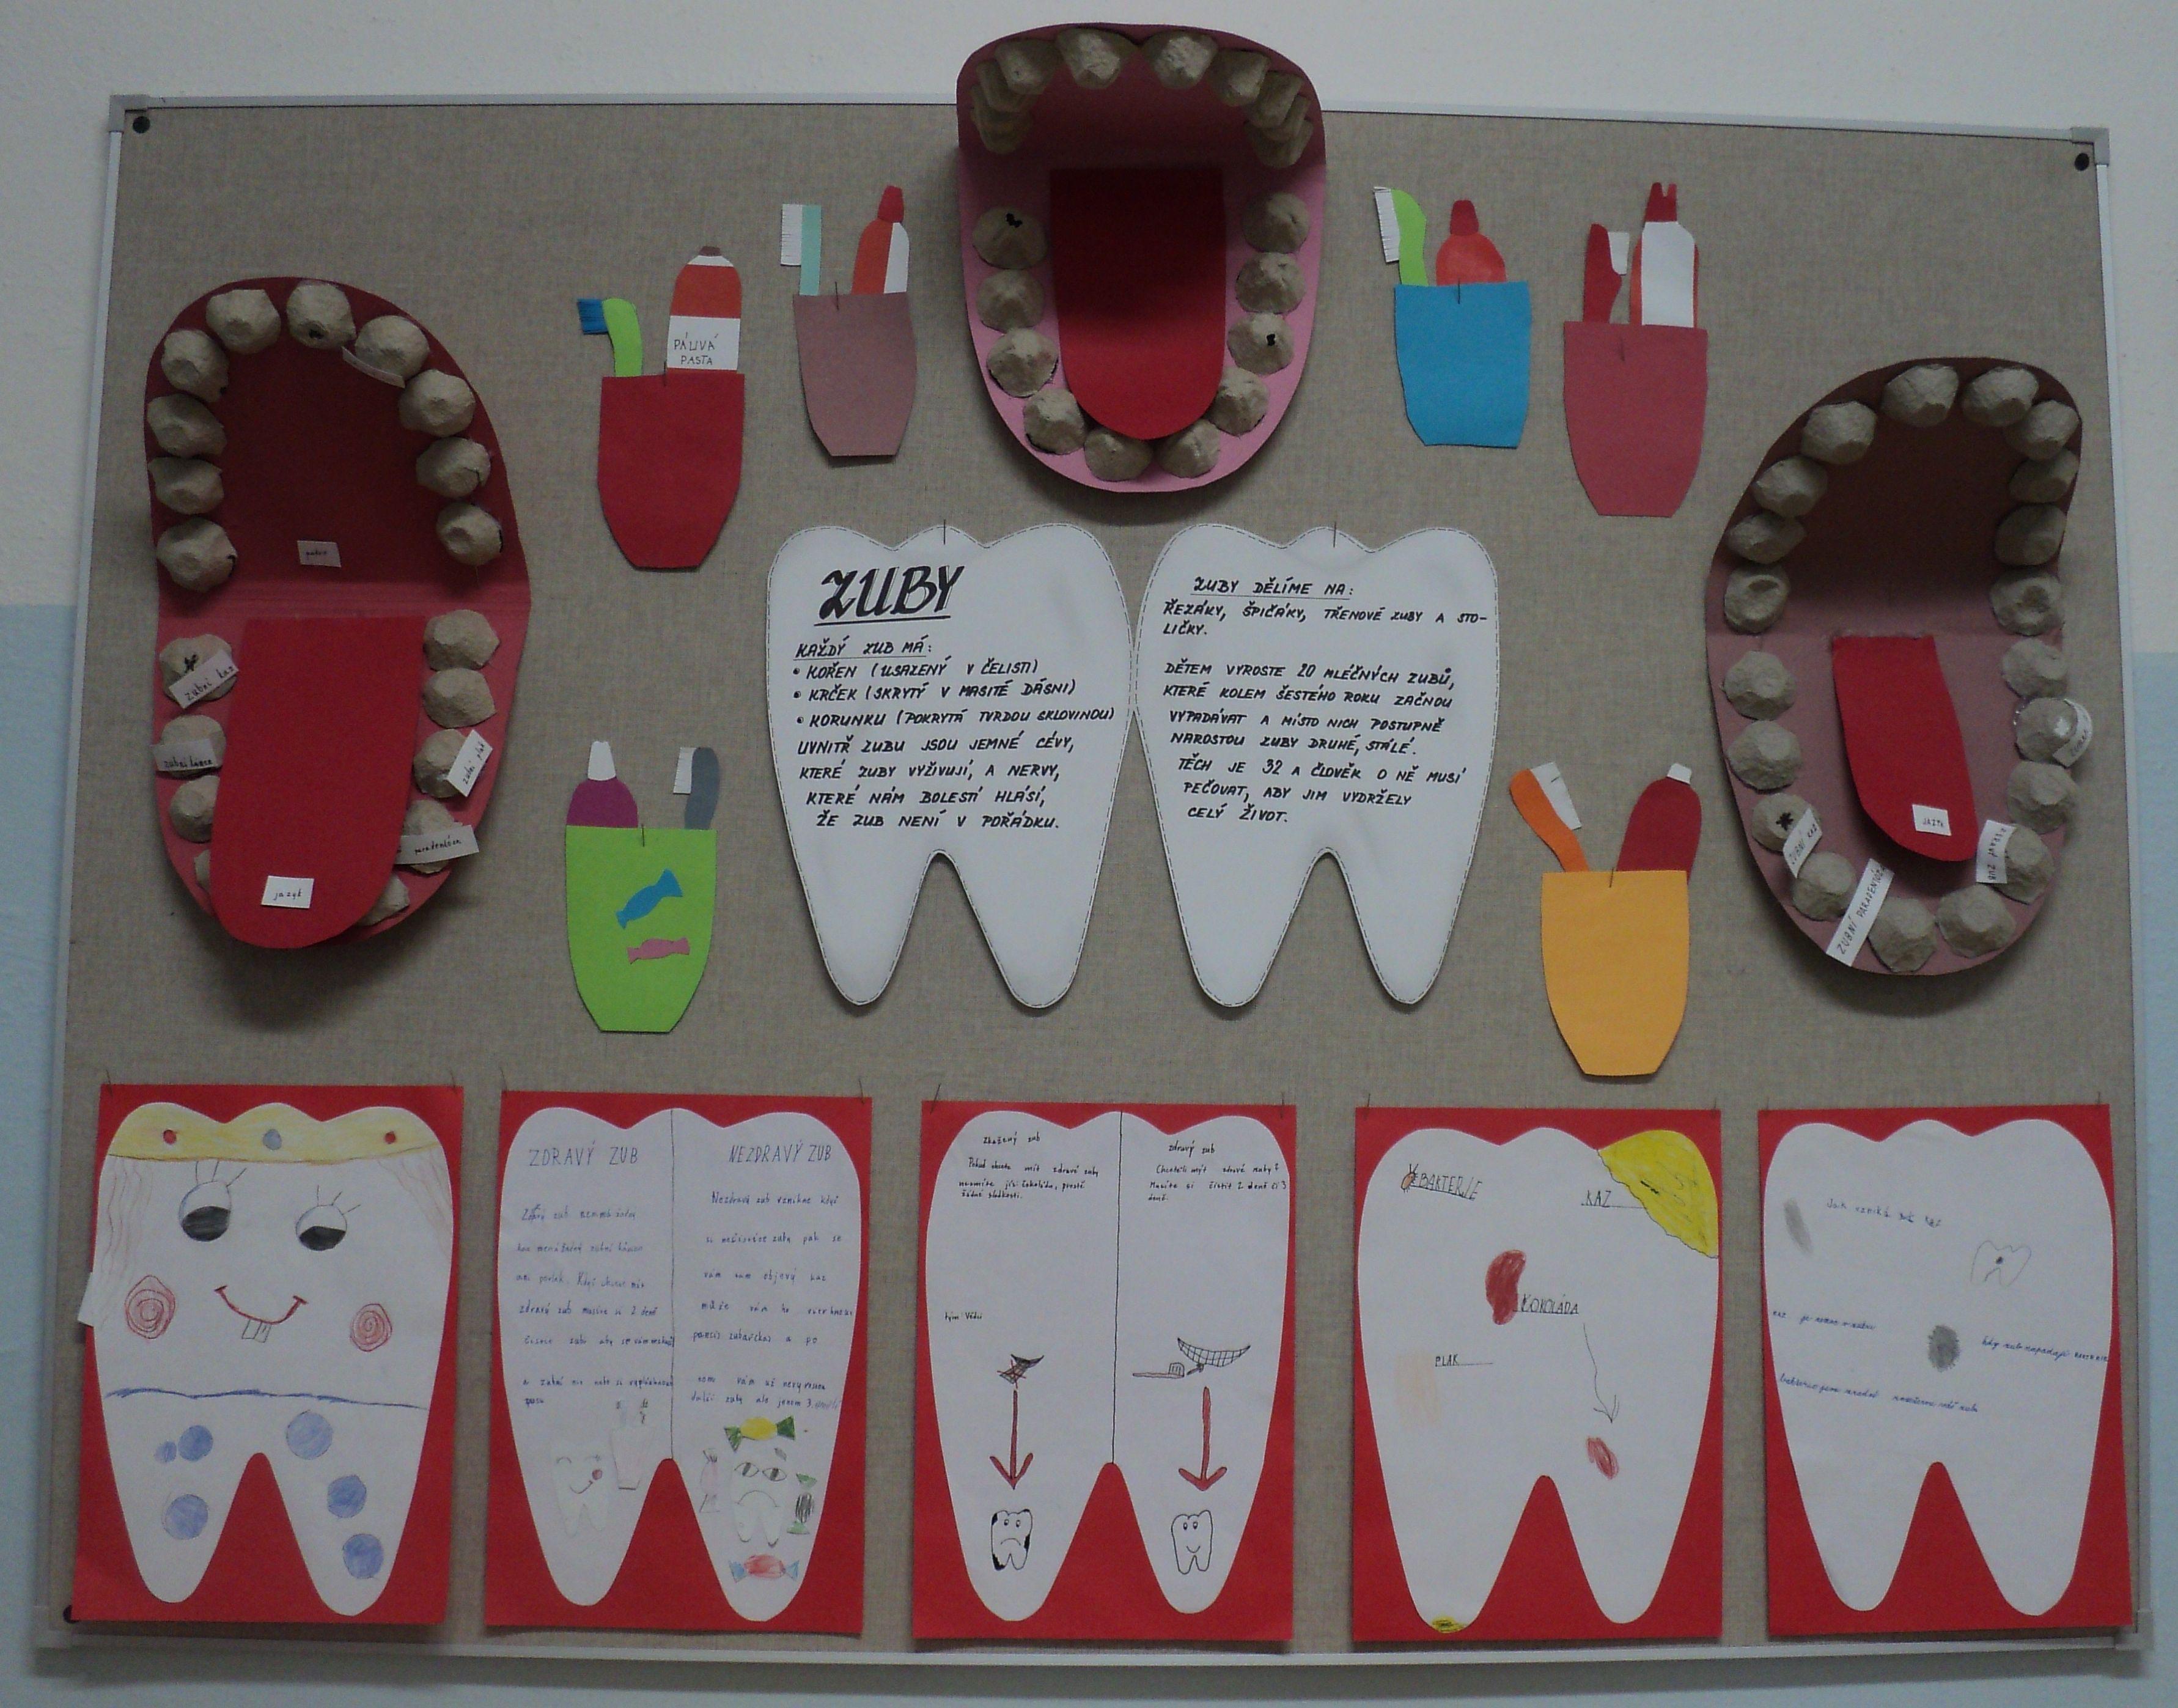 Zuby A Ustni Hygiena